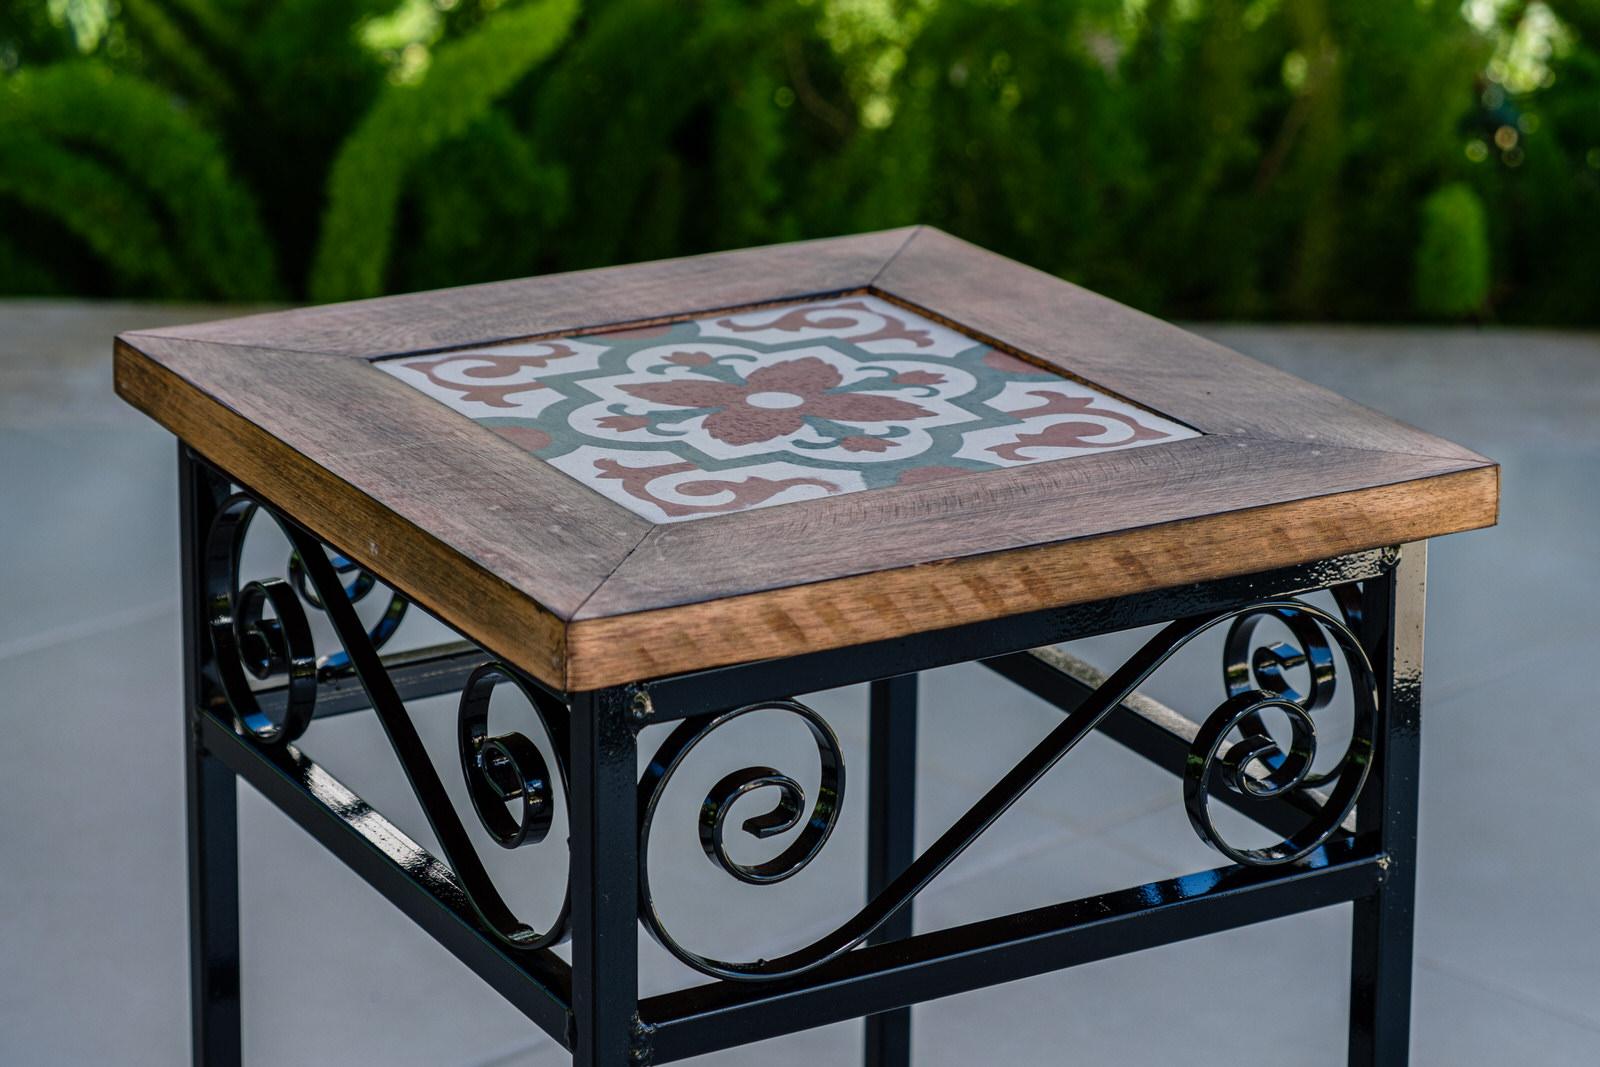 Banco em Ferro e Assento em Madeira com Ladrilho em Cerâmica